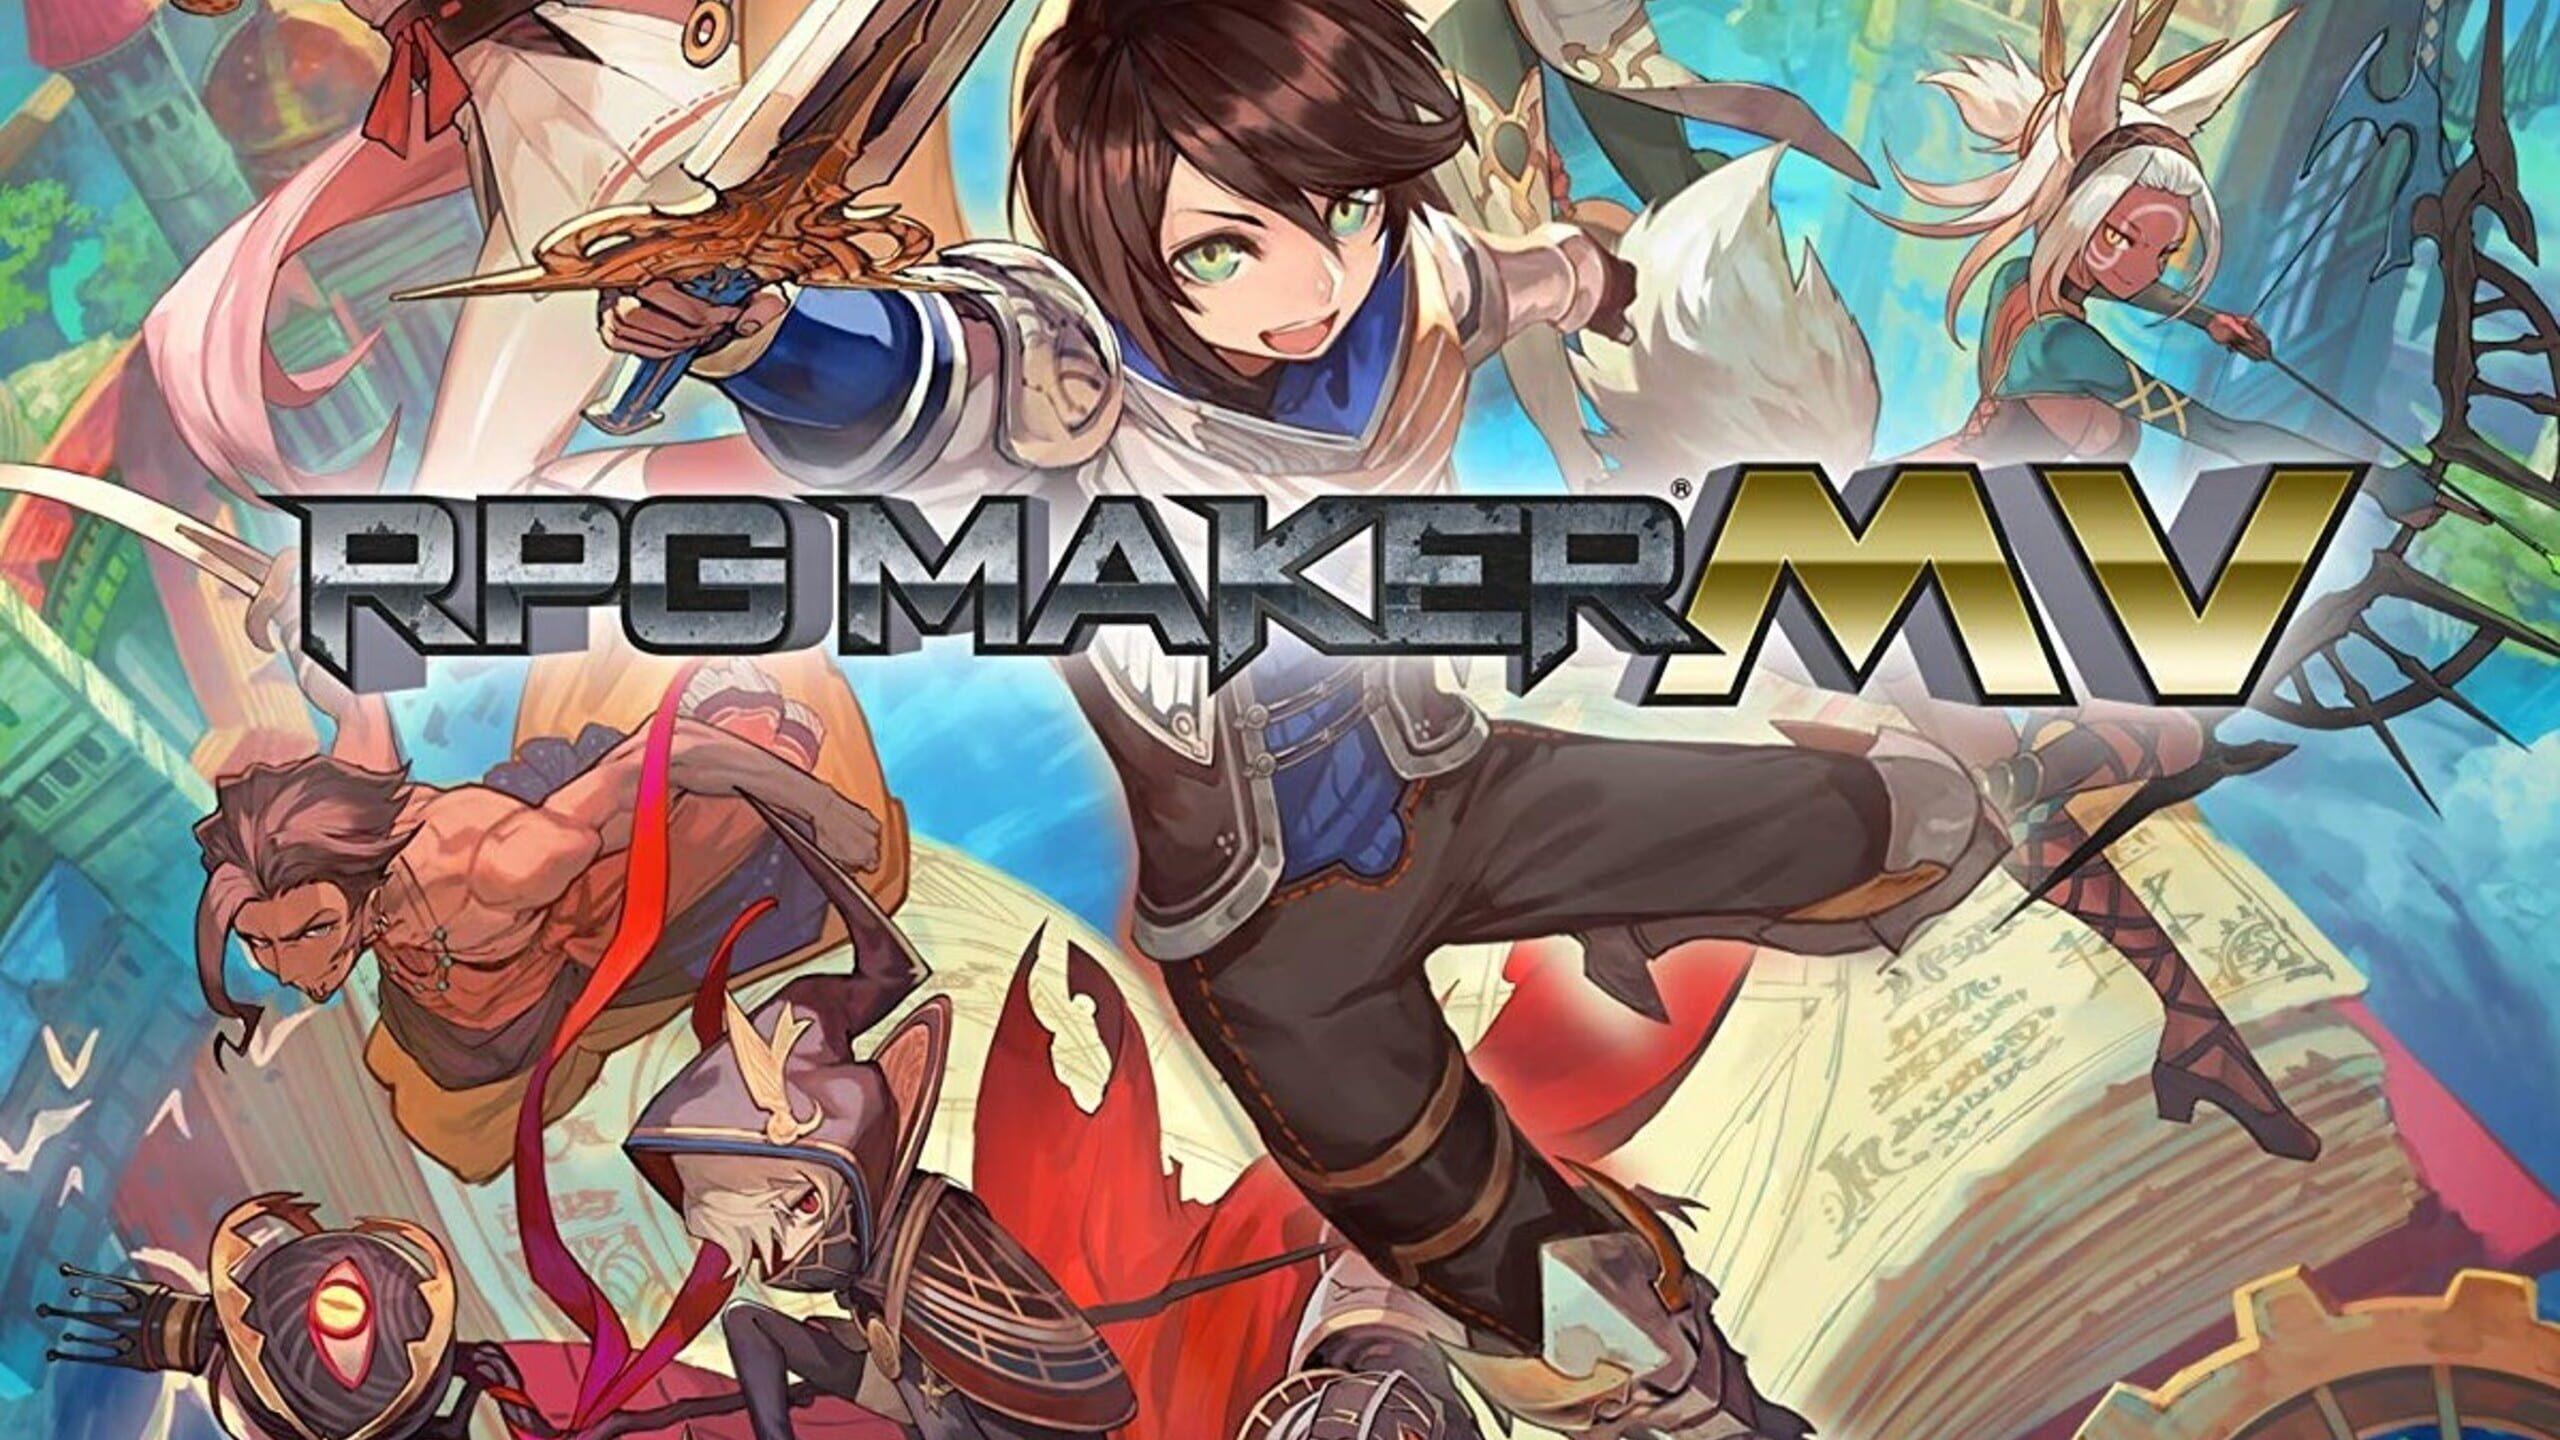 game cover art for RPG Maker MV